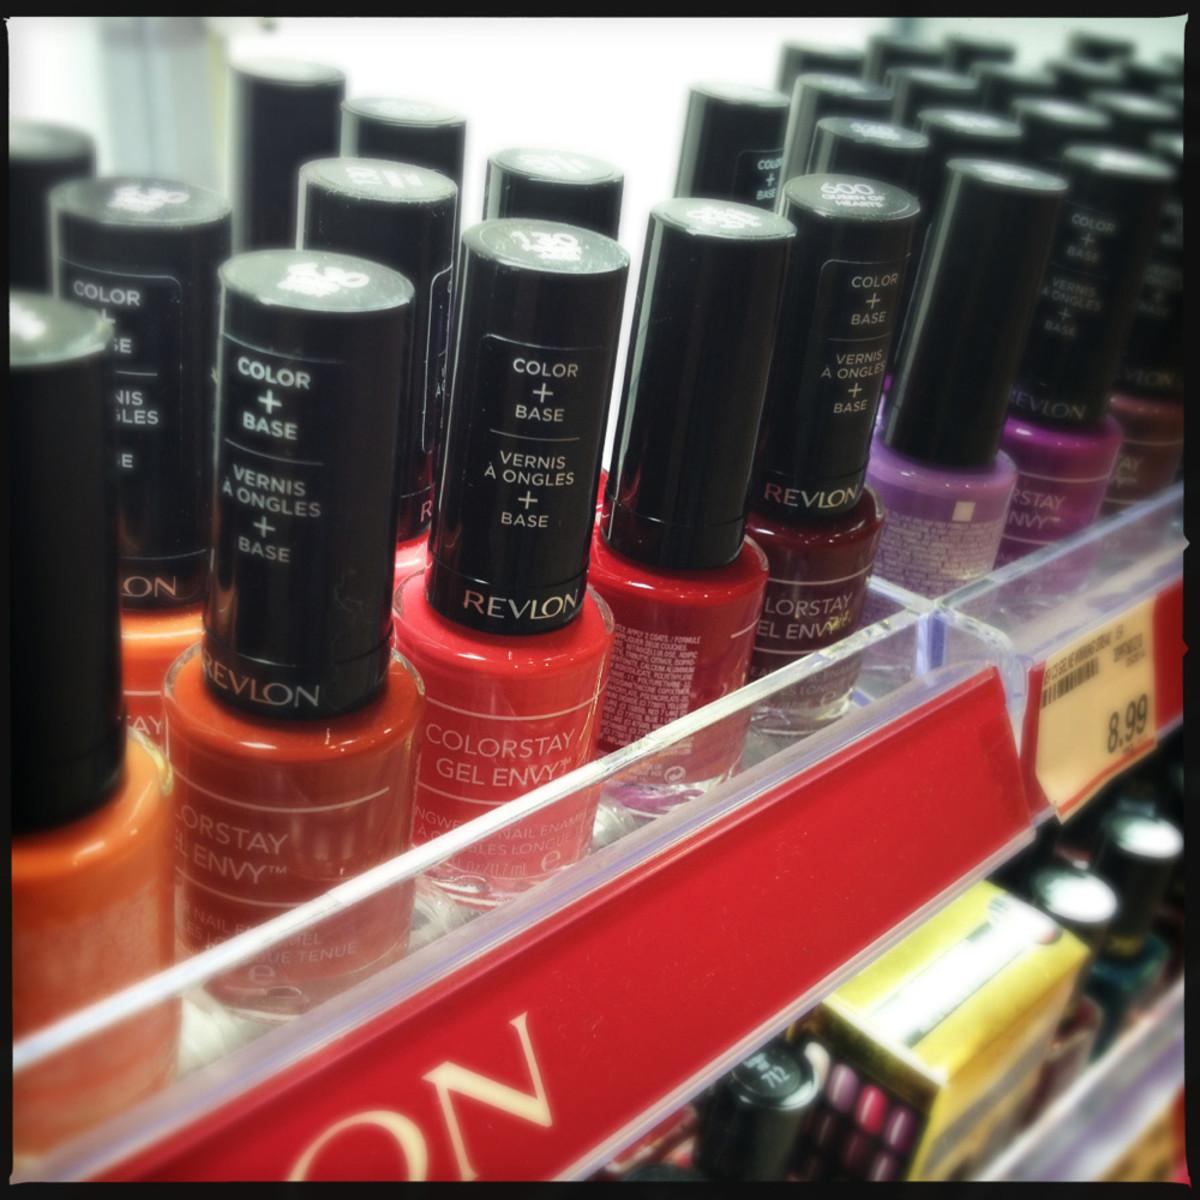 revlon gel envy in stores